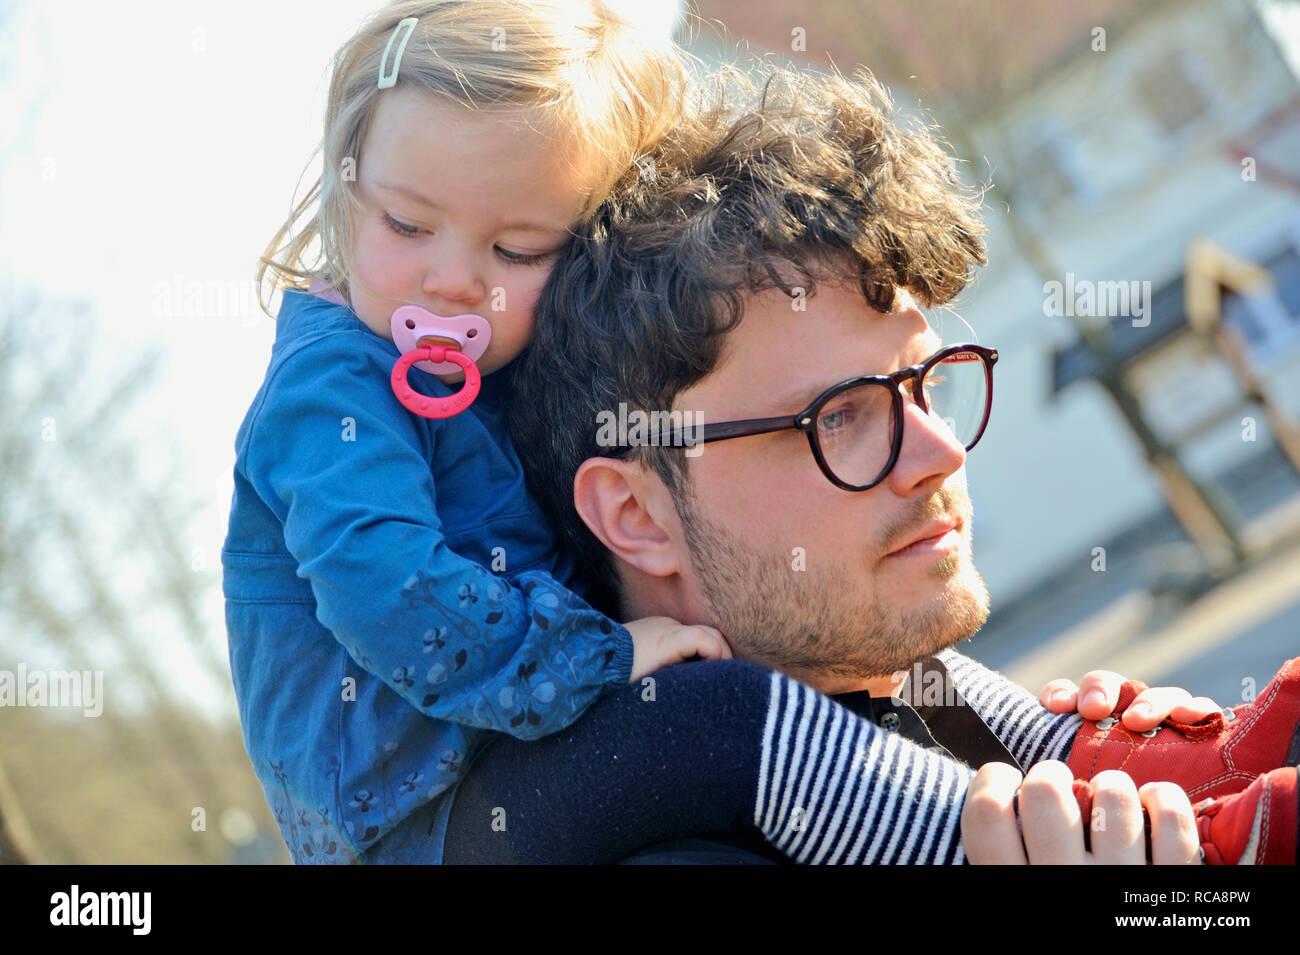 Kleikind, Mädchen, 2 Jahre alt, sitzt beim Vater huckepack auf der Schulter | Child is piggybacked from it's father - Stock Image